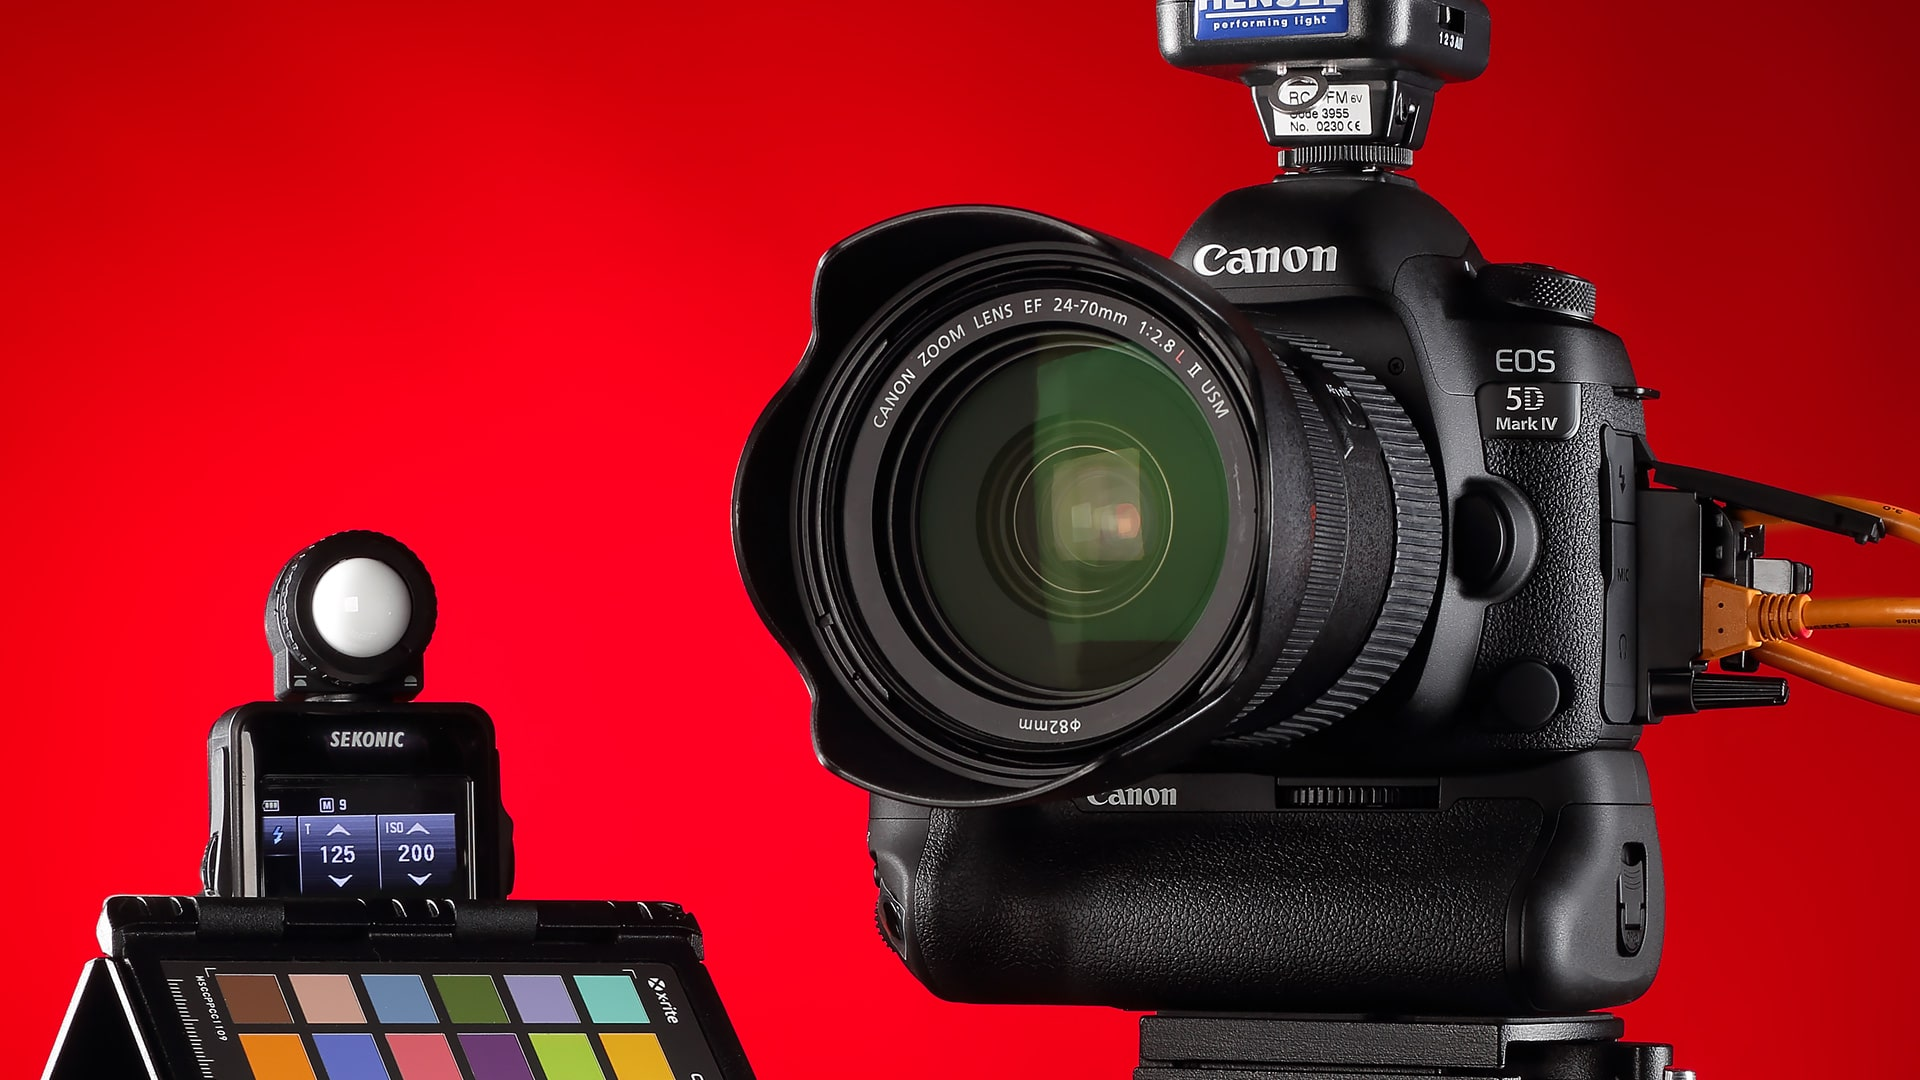 Aufrüstung auf 30 Megapixel Canon 5D Mark IV